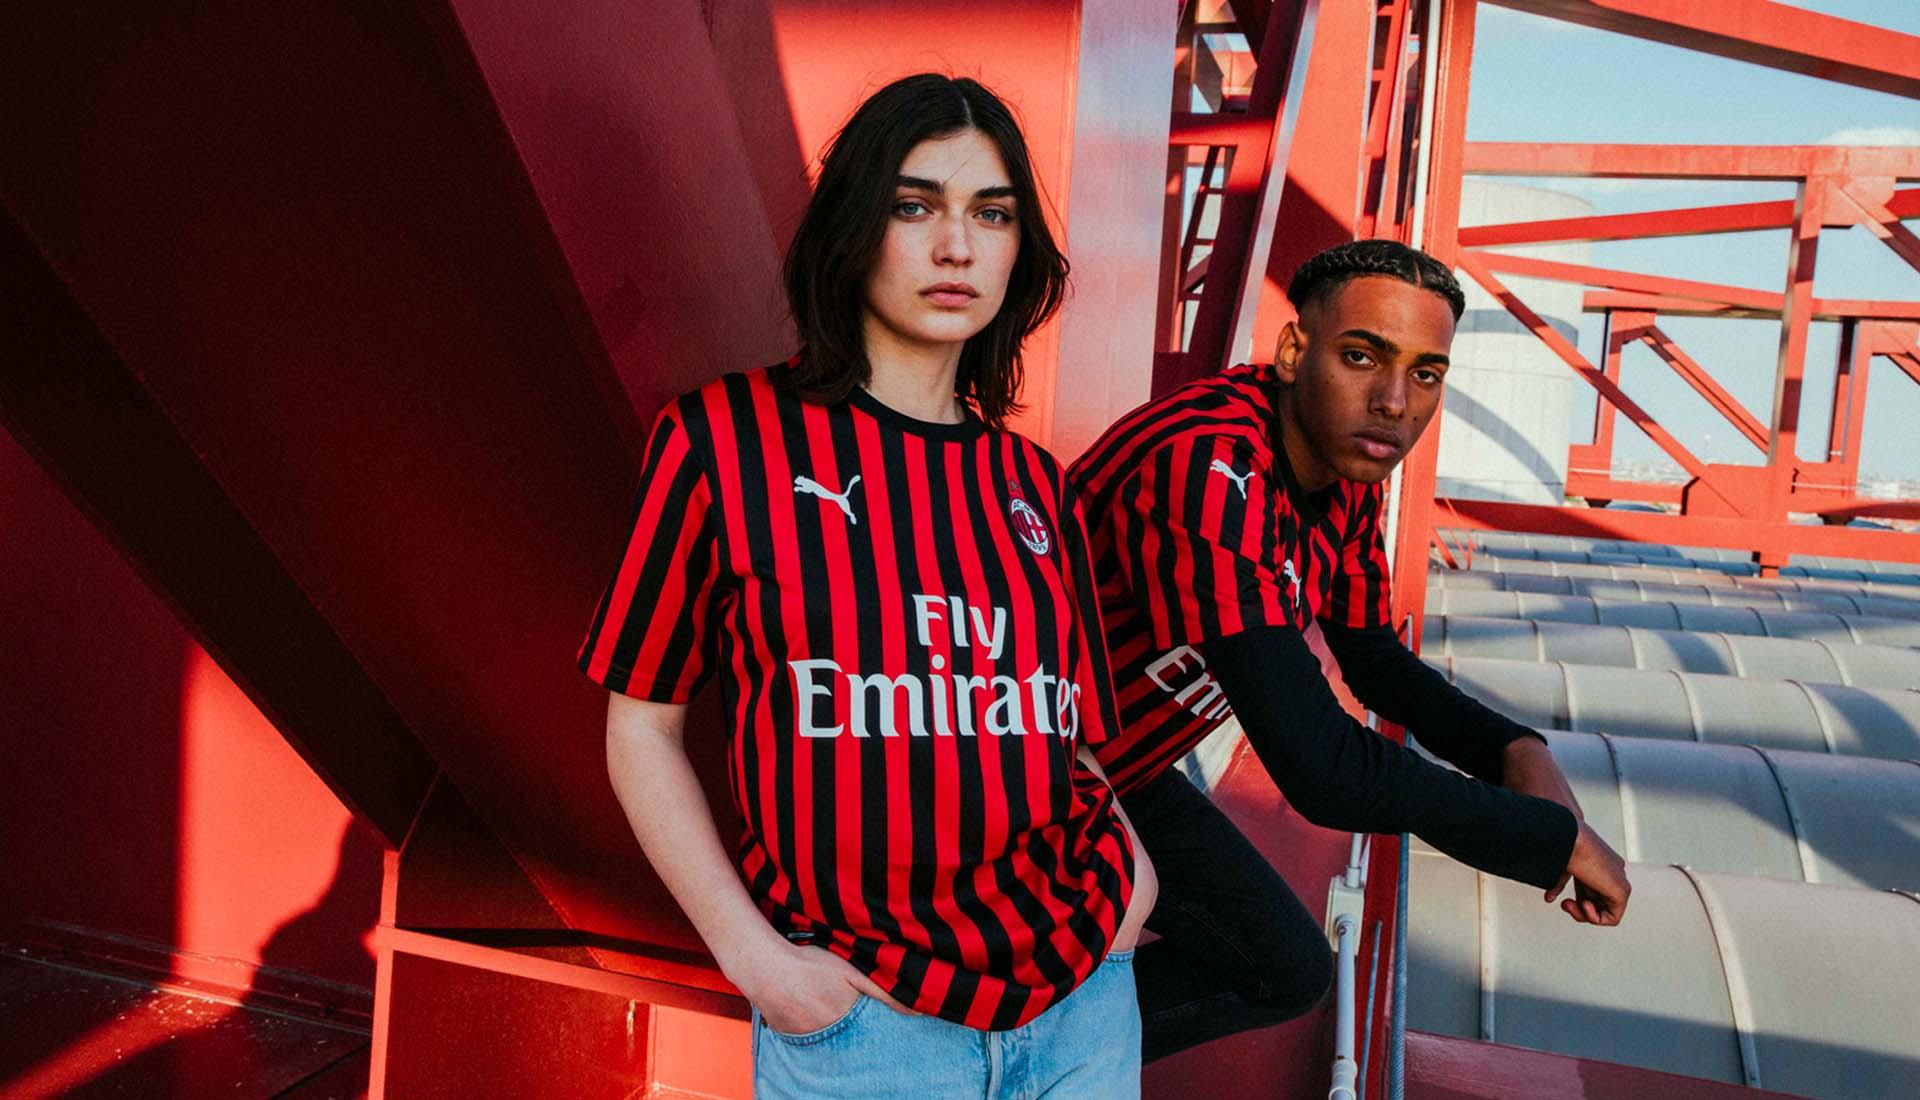 maglia Milan 2019/20